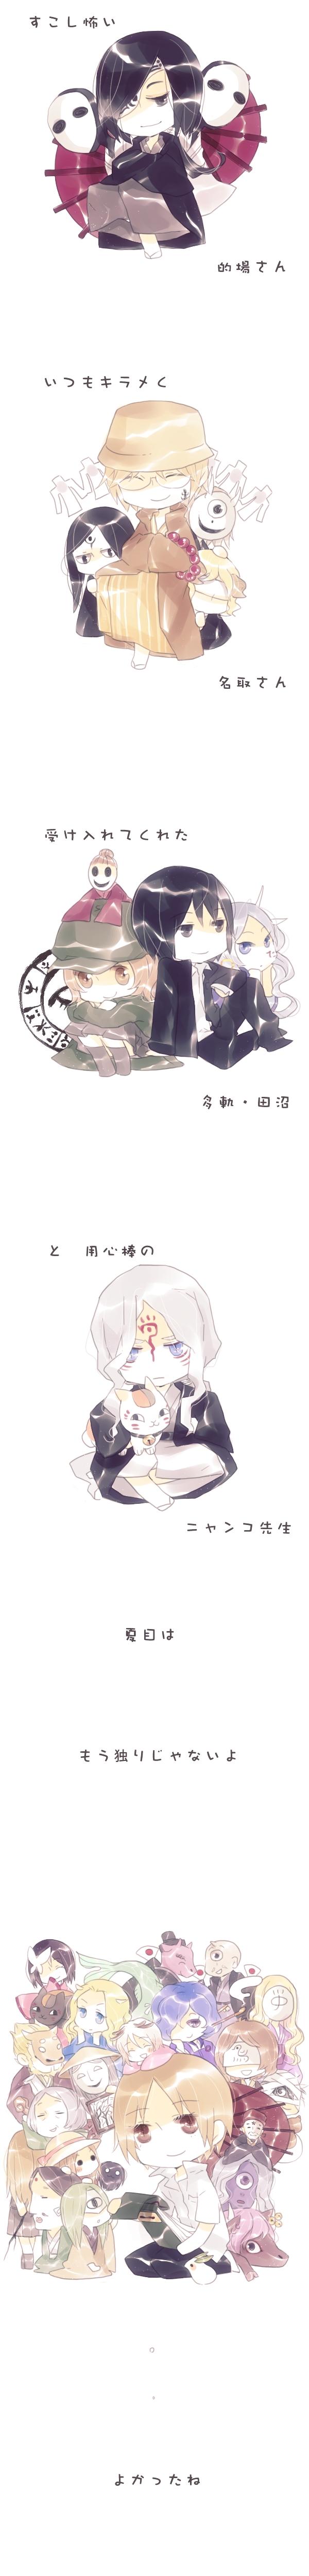 Tags: Anime, Pixiv Id 3323811, Natsume Yuujinchou, Tama (Natsume Yuujinchou), Chobihige, Nyanko-sensei, Akagane, Ushikao No Chuukyuu Youkai, Madara, Taki Tooru, Misuzu (Natsume Yuujinchou), Matoba Seiji, Hitotsume No Chuukyuu Youkai, Natsume's Book Of Friends